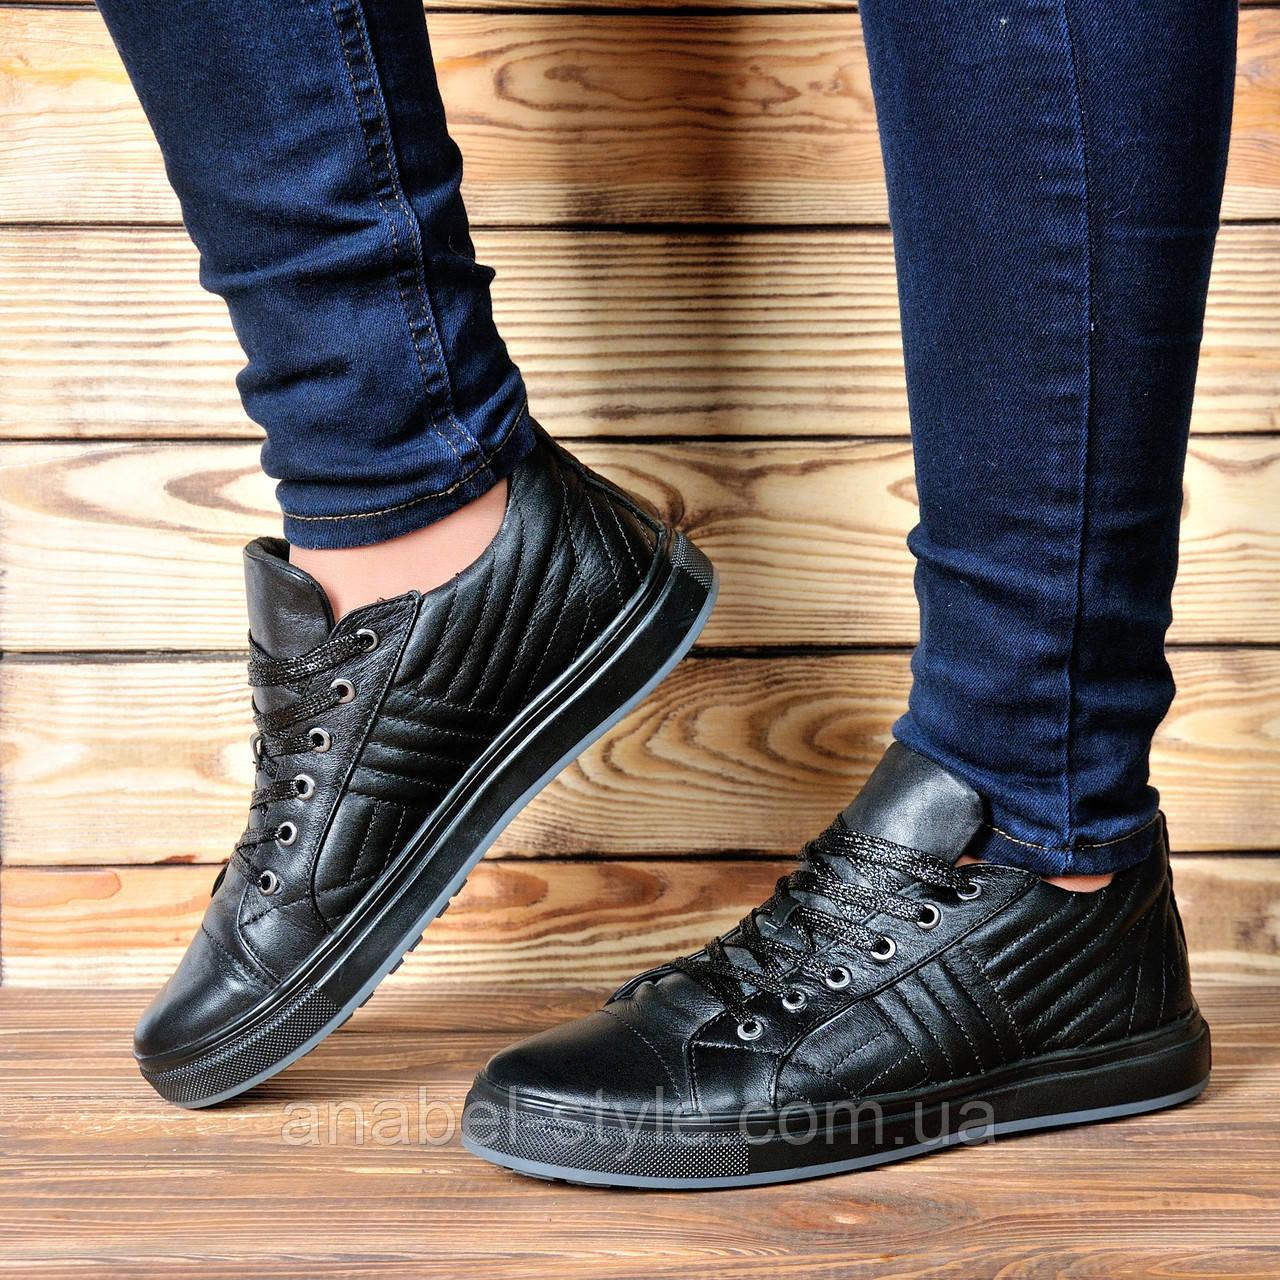 Кеды женские стильные из натуральной кожи черного цвета шнуровка Код 1740 AR